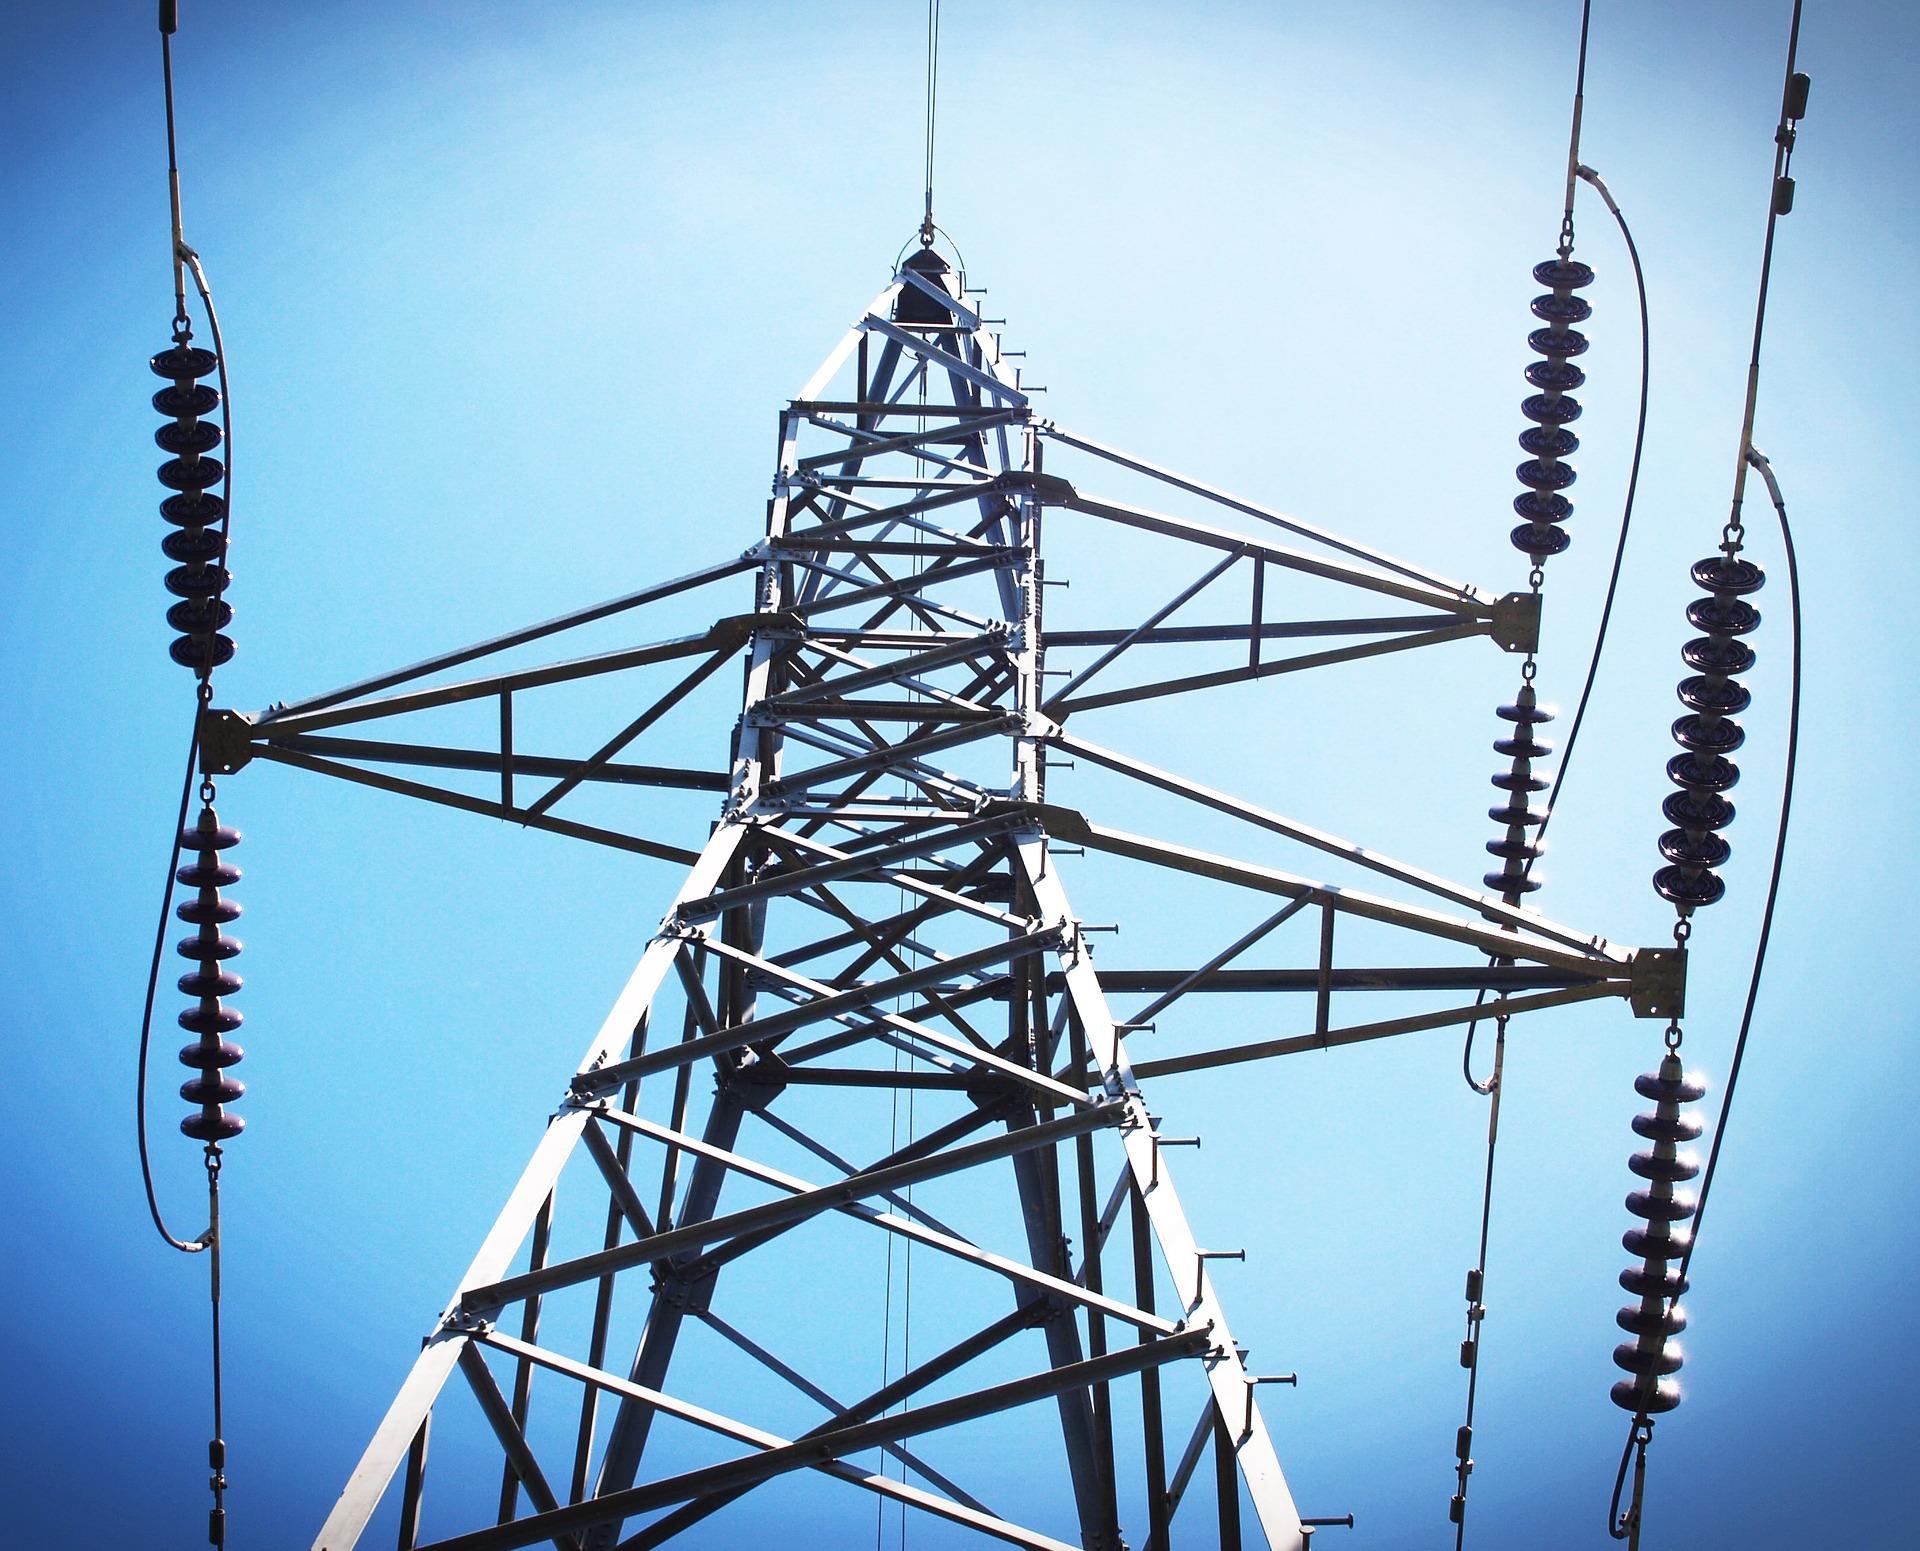 Instalaciones eléctricas en Alta Tensión y Baja Tensión, redes de distribución y transformación de energía eléctrica